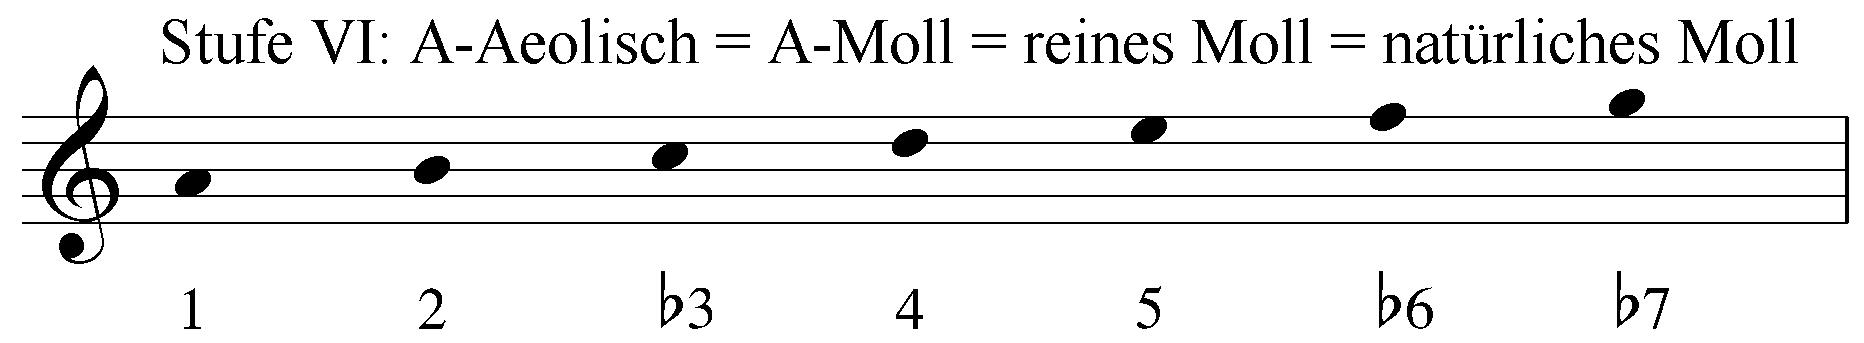 Stufe 6: A-Aeolisch = A-Moll = reines Moll = natürliches Moll. Intervalle 1 2 b3 4 5 b6 b7